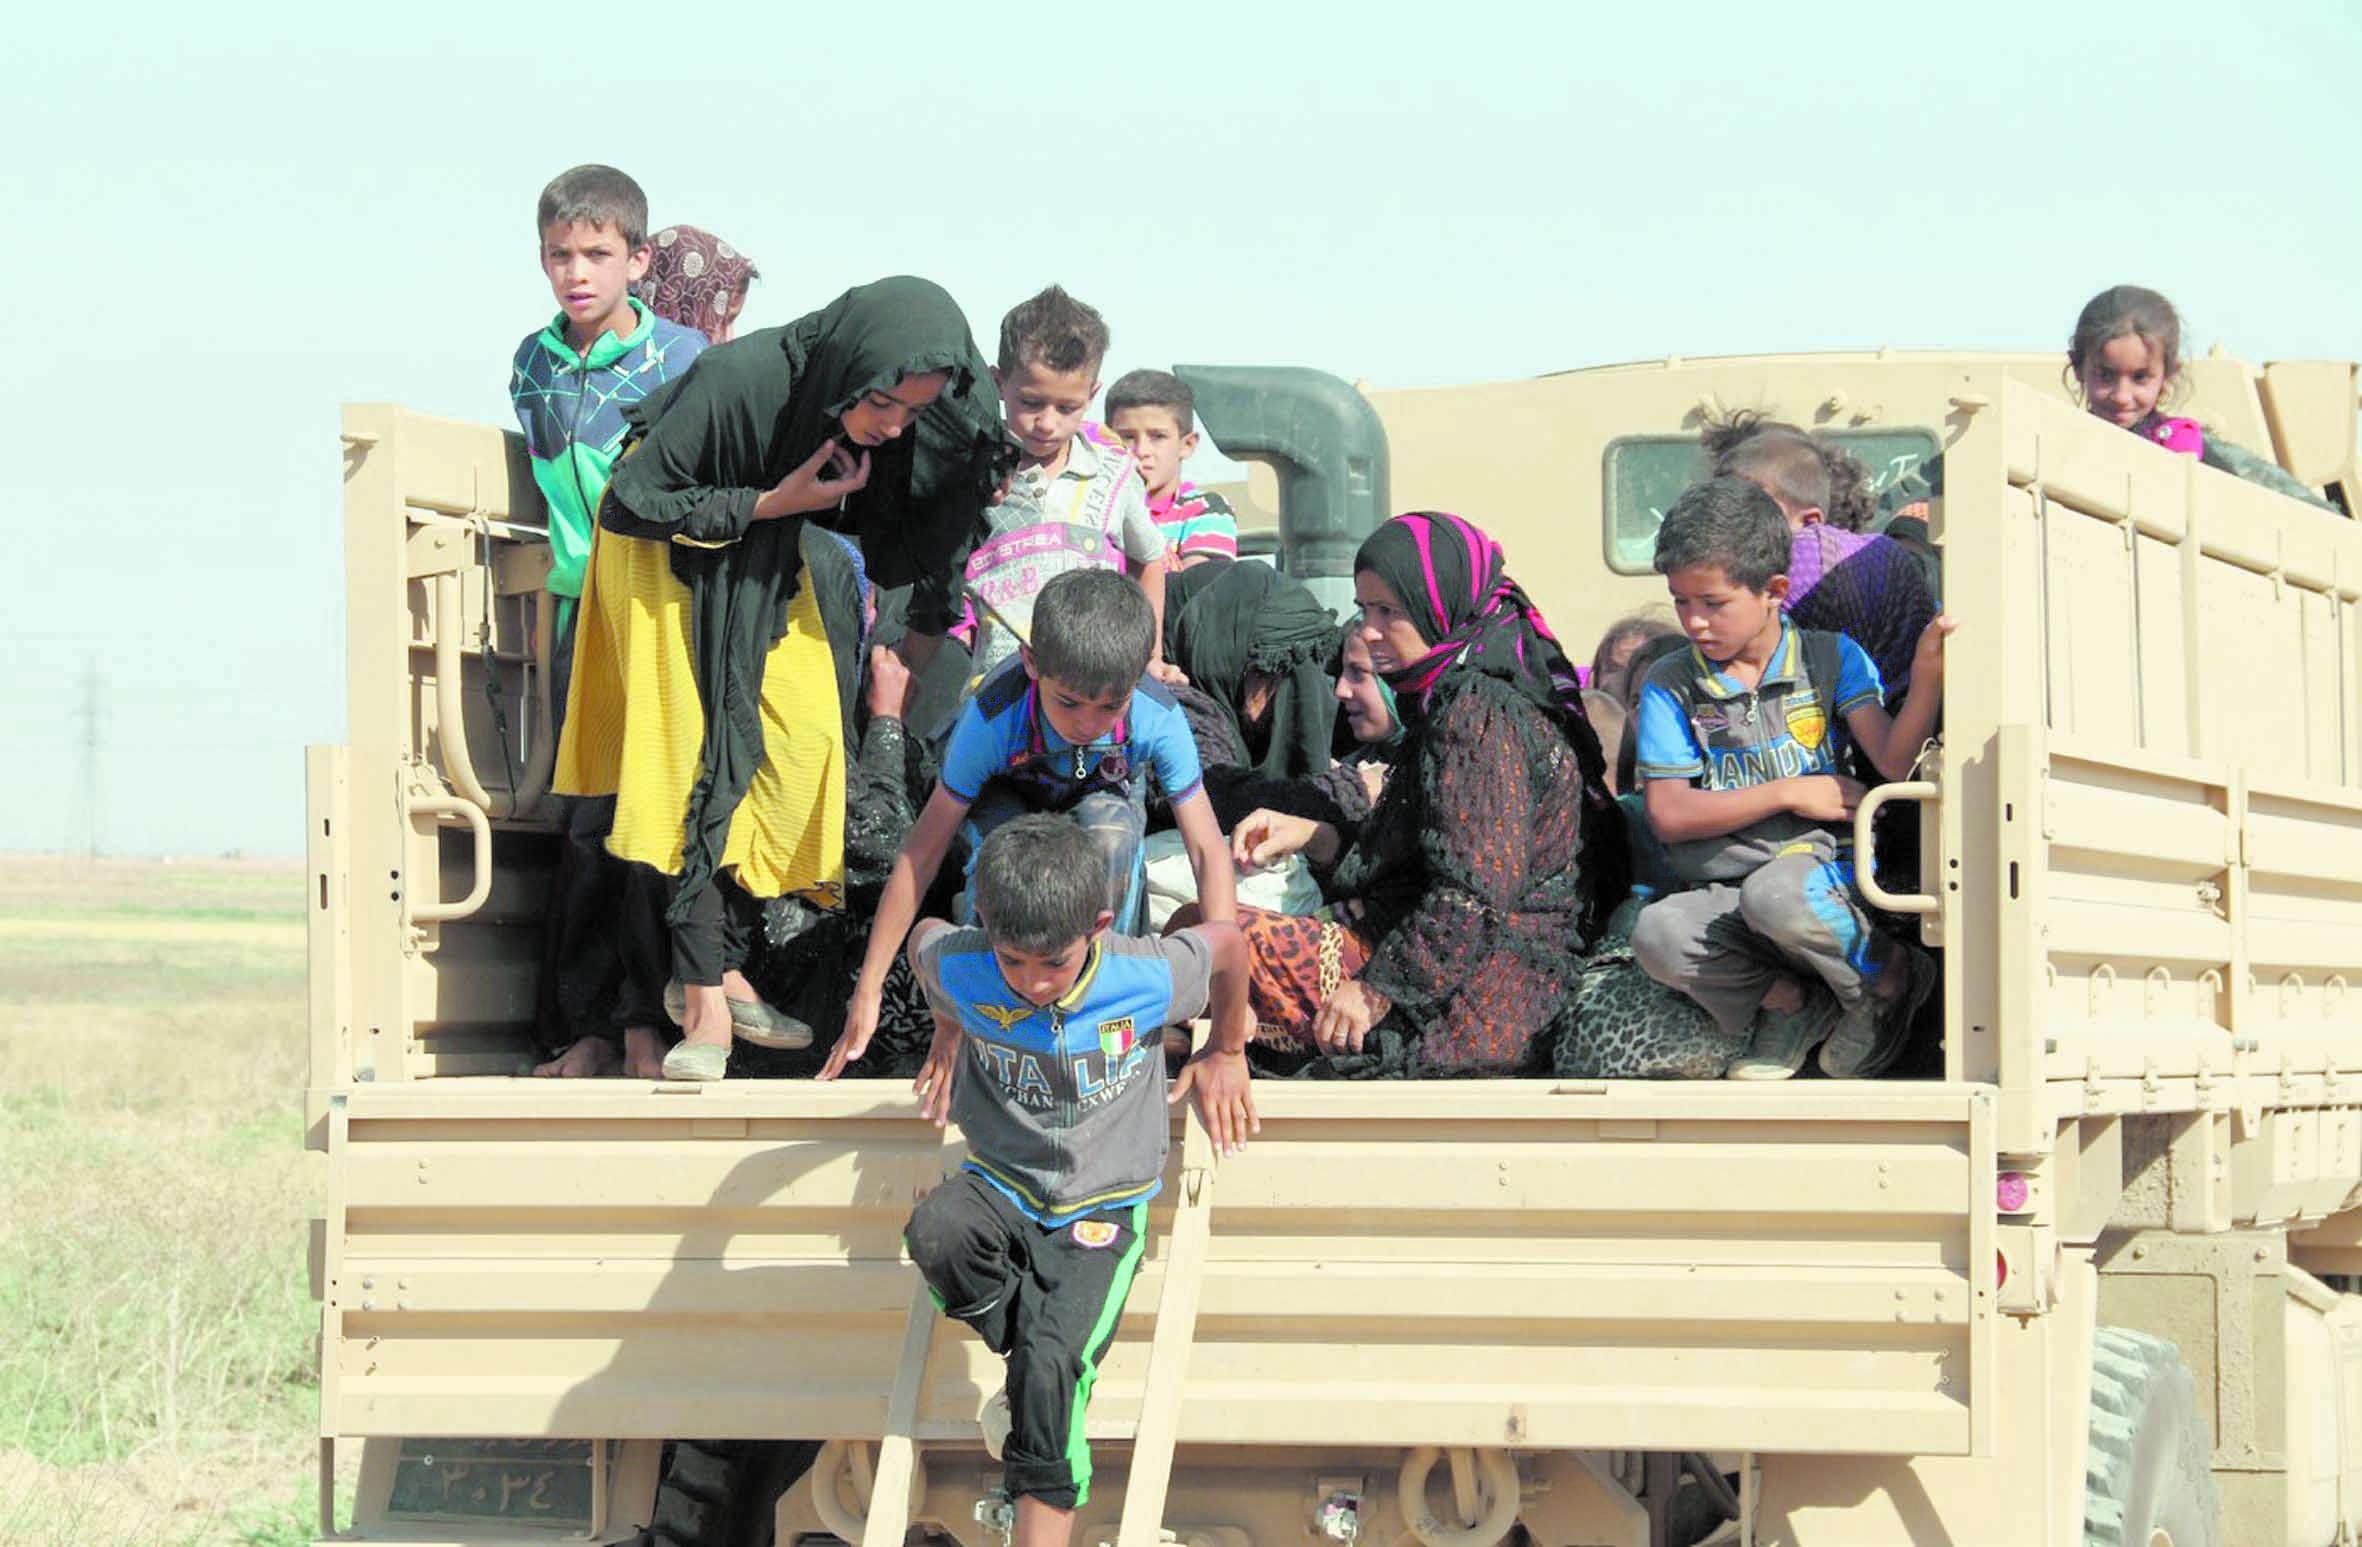 Des déplacés irakiens seraient rapatriés contre leur gré